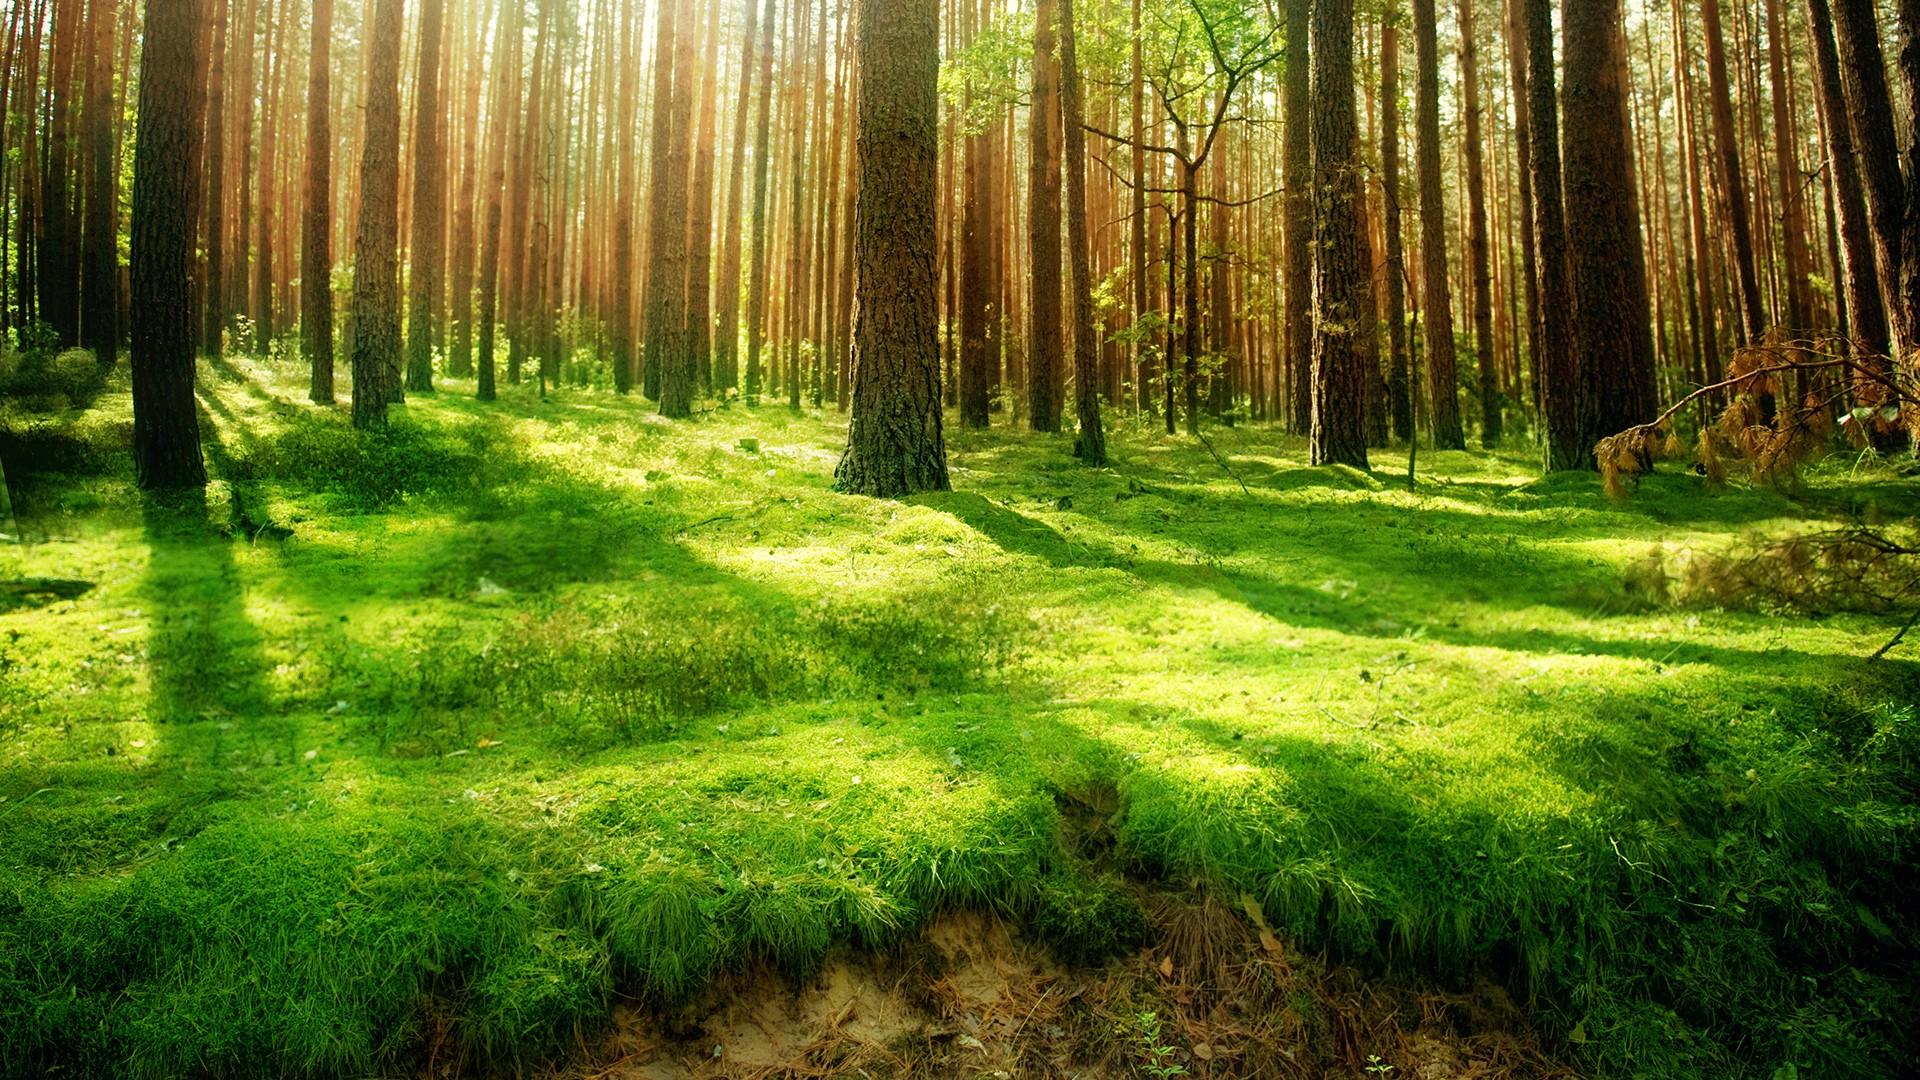 Beautiful Forest Green Wallpaper HD 510 Wallpaper High Resolution 1920x1080